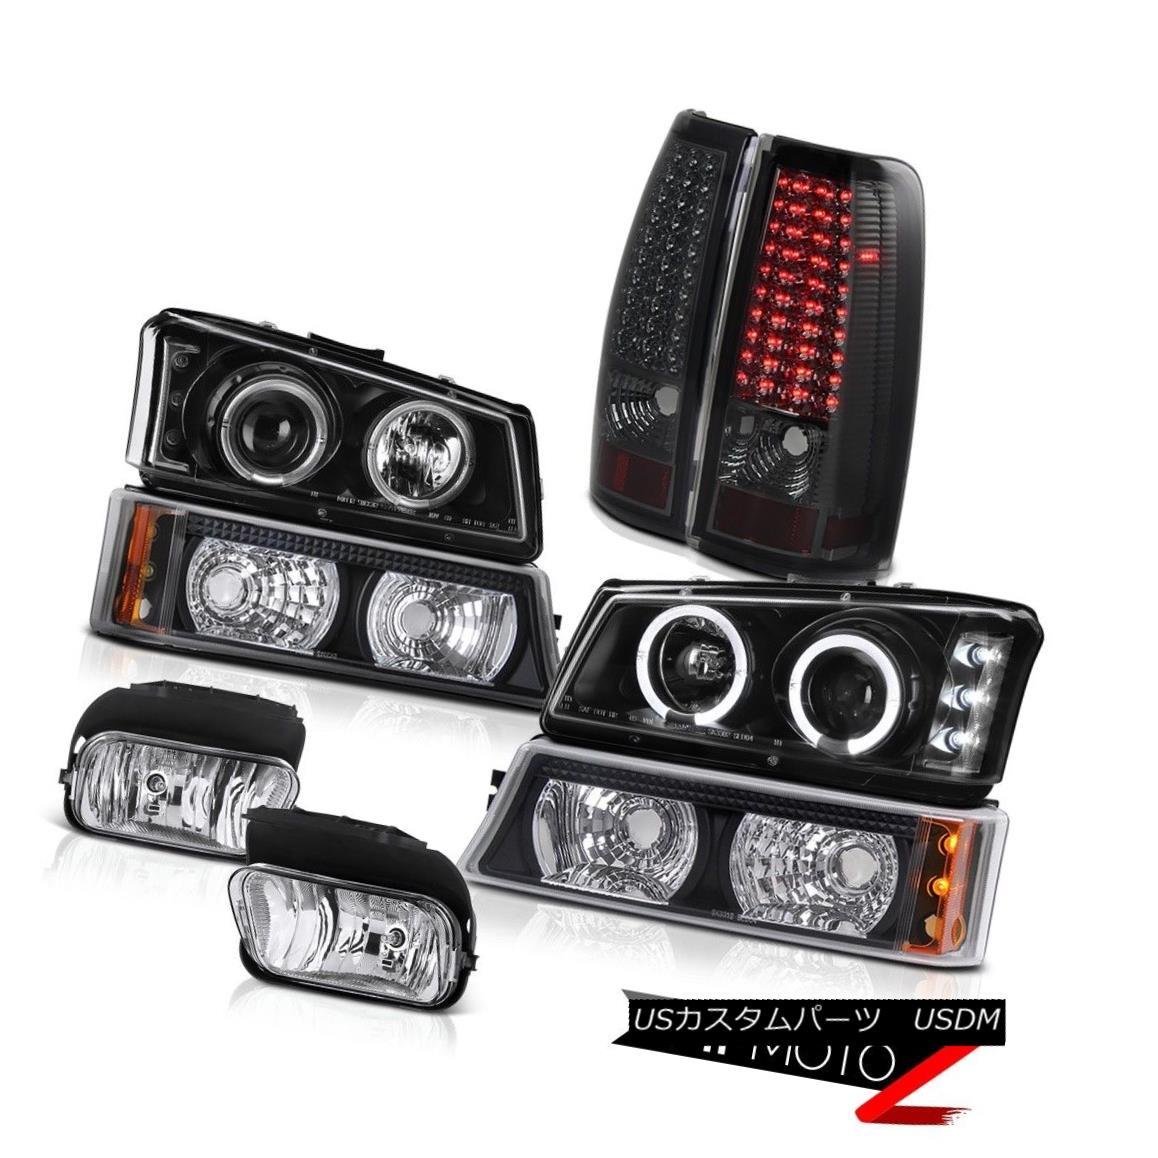 ヘッドライト 2003-2006 Silverado Angel Projector Black Turn Smoke Tail Light Bumper Foglamp 2003-2006シルバラードエンジェルプロジェクターブラックスモークテールライトバンパーフォグライト